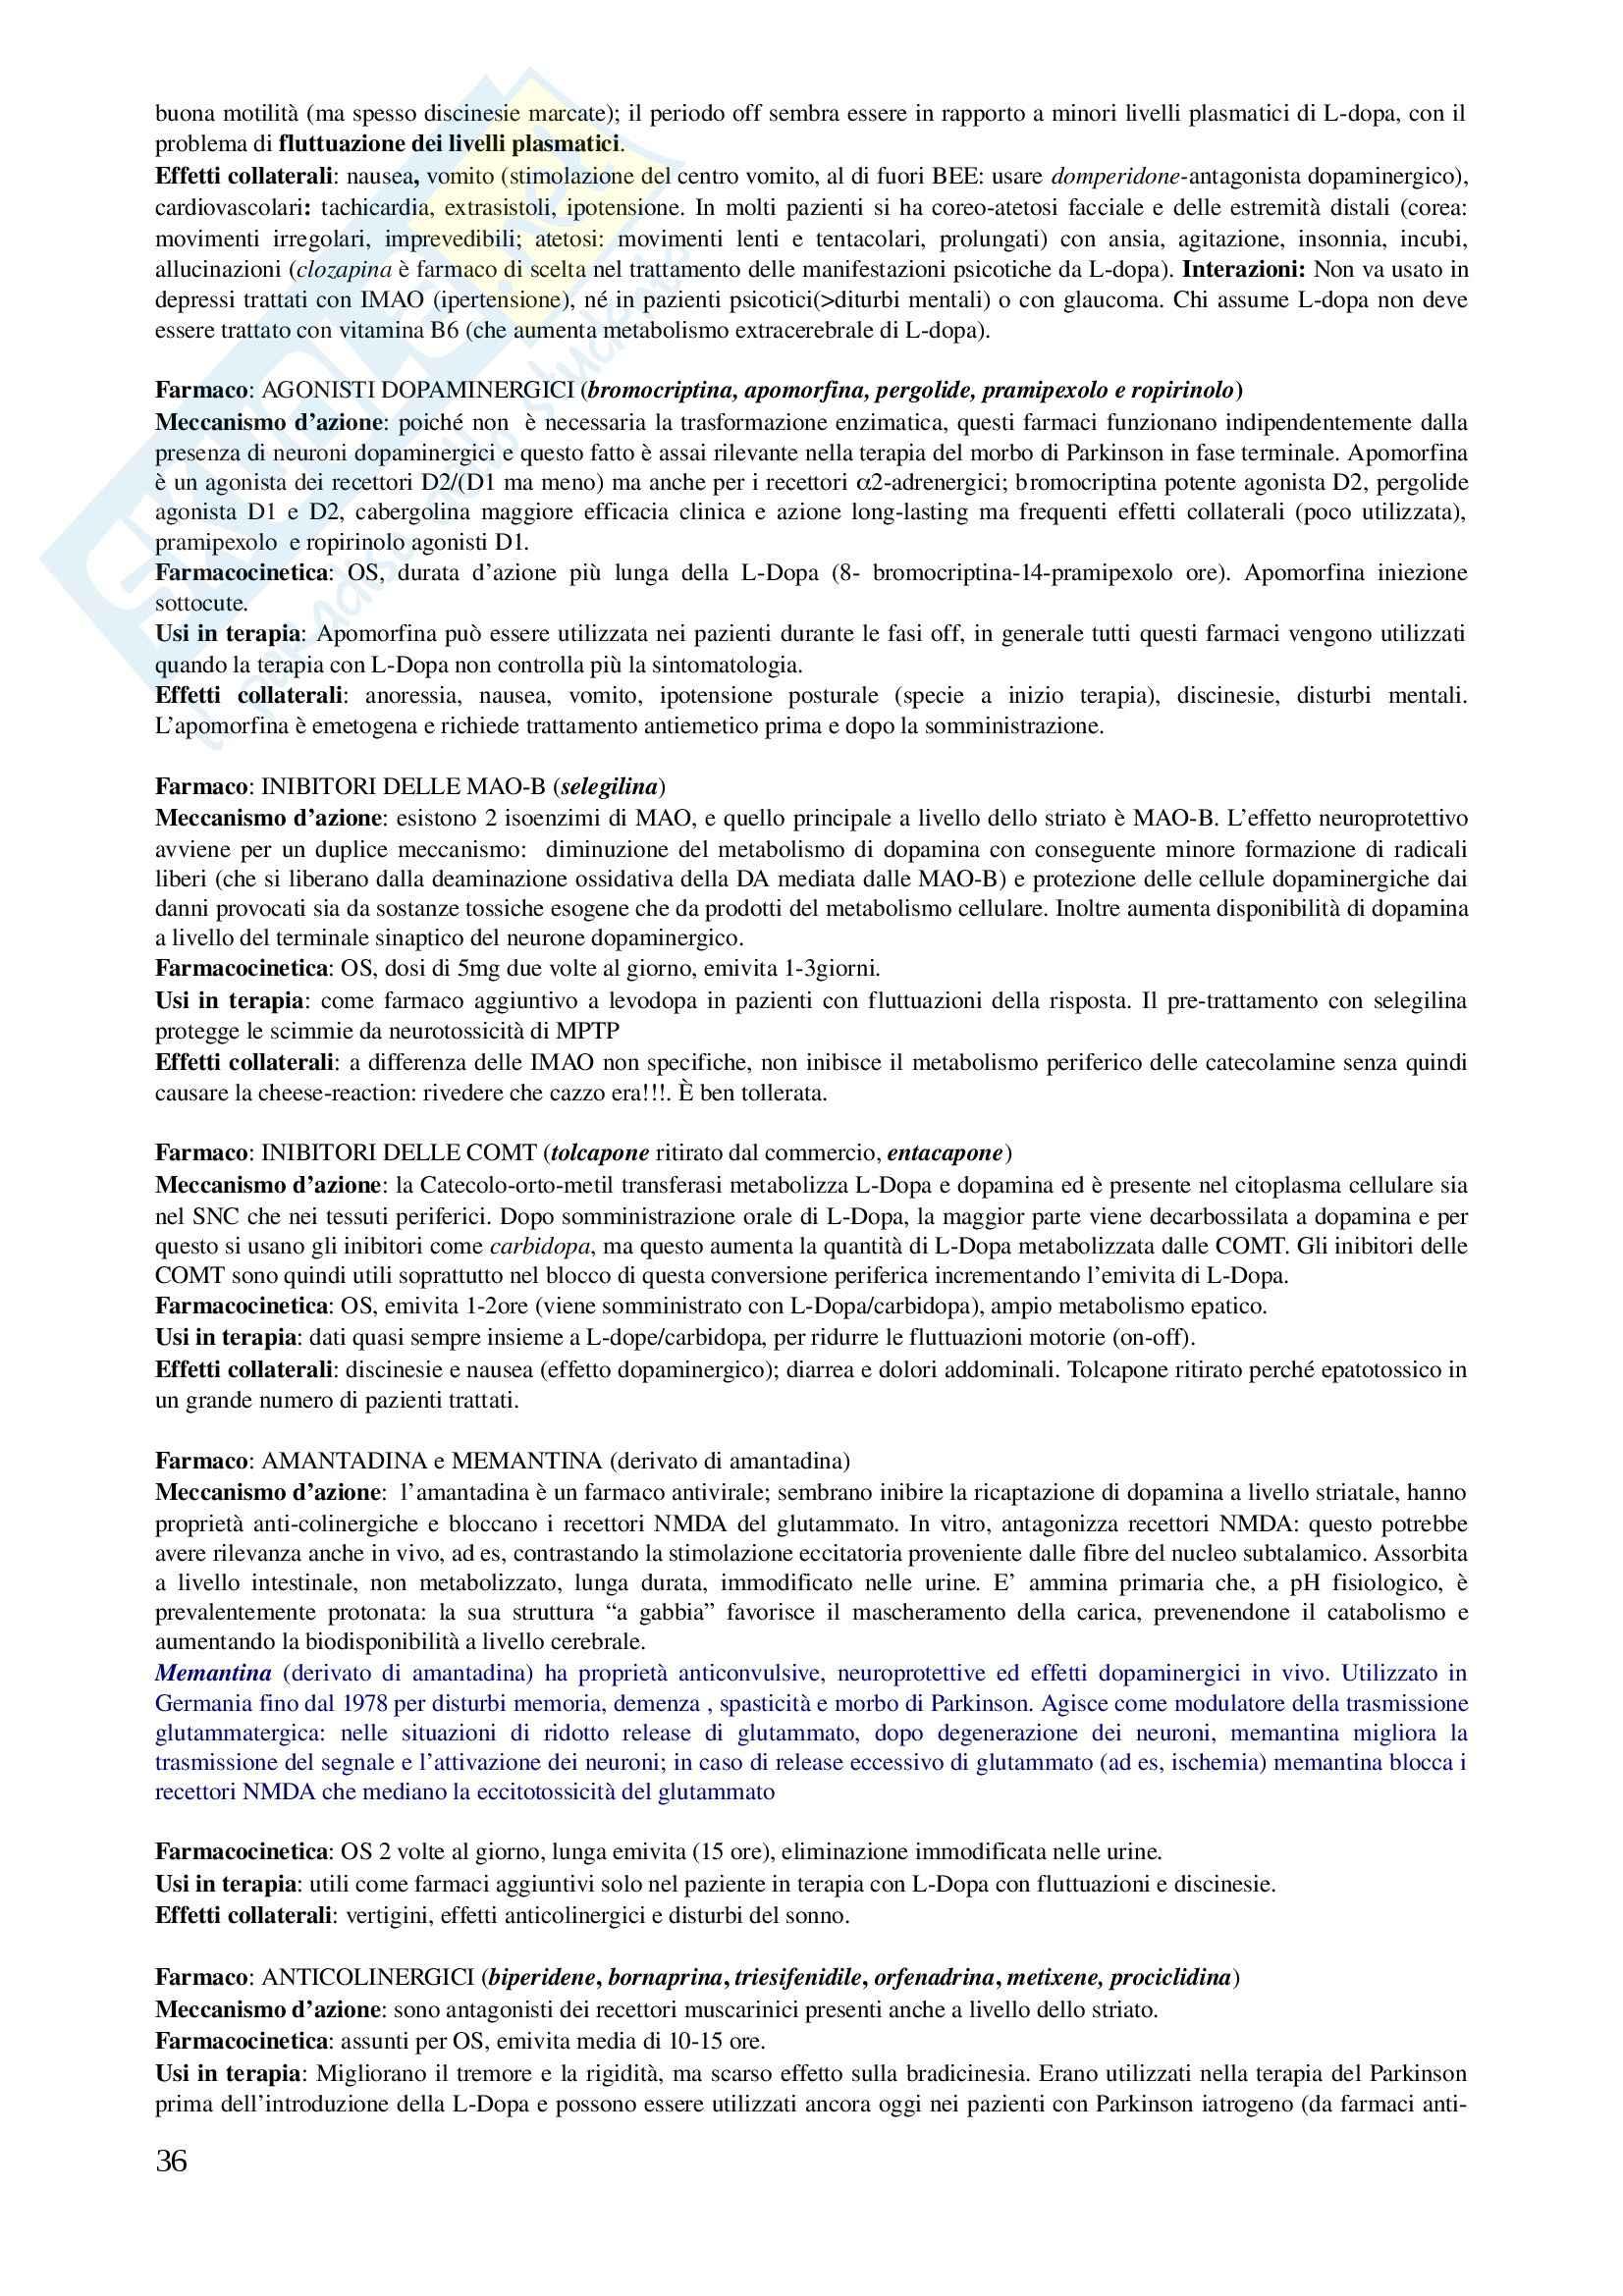 Basi Farmacologiche dellla Terapia II - Appunti Pag. 36